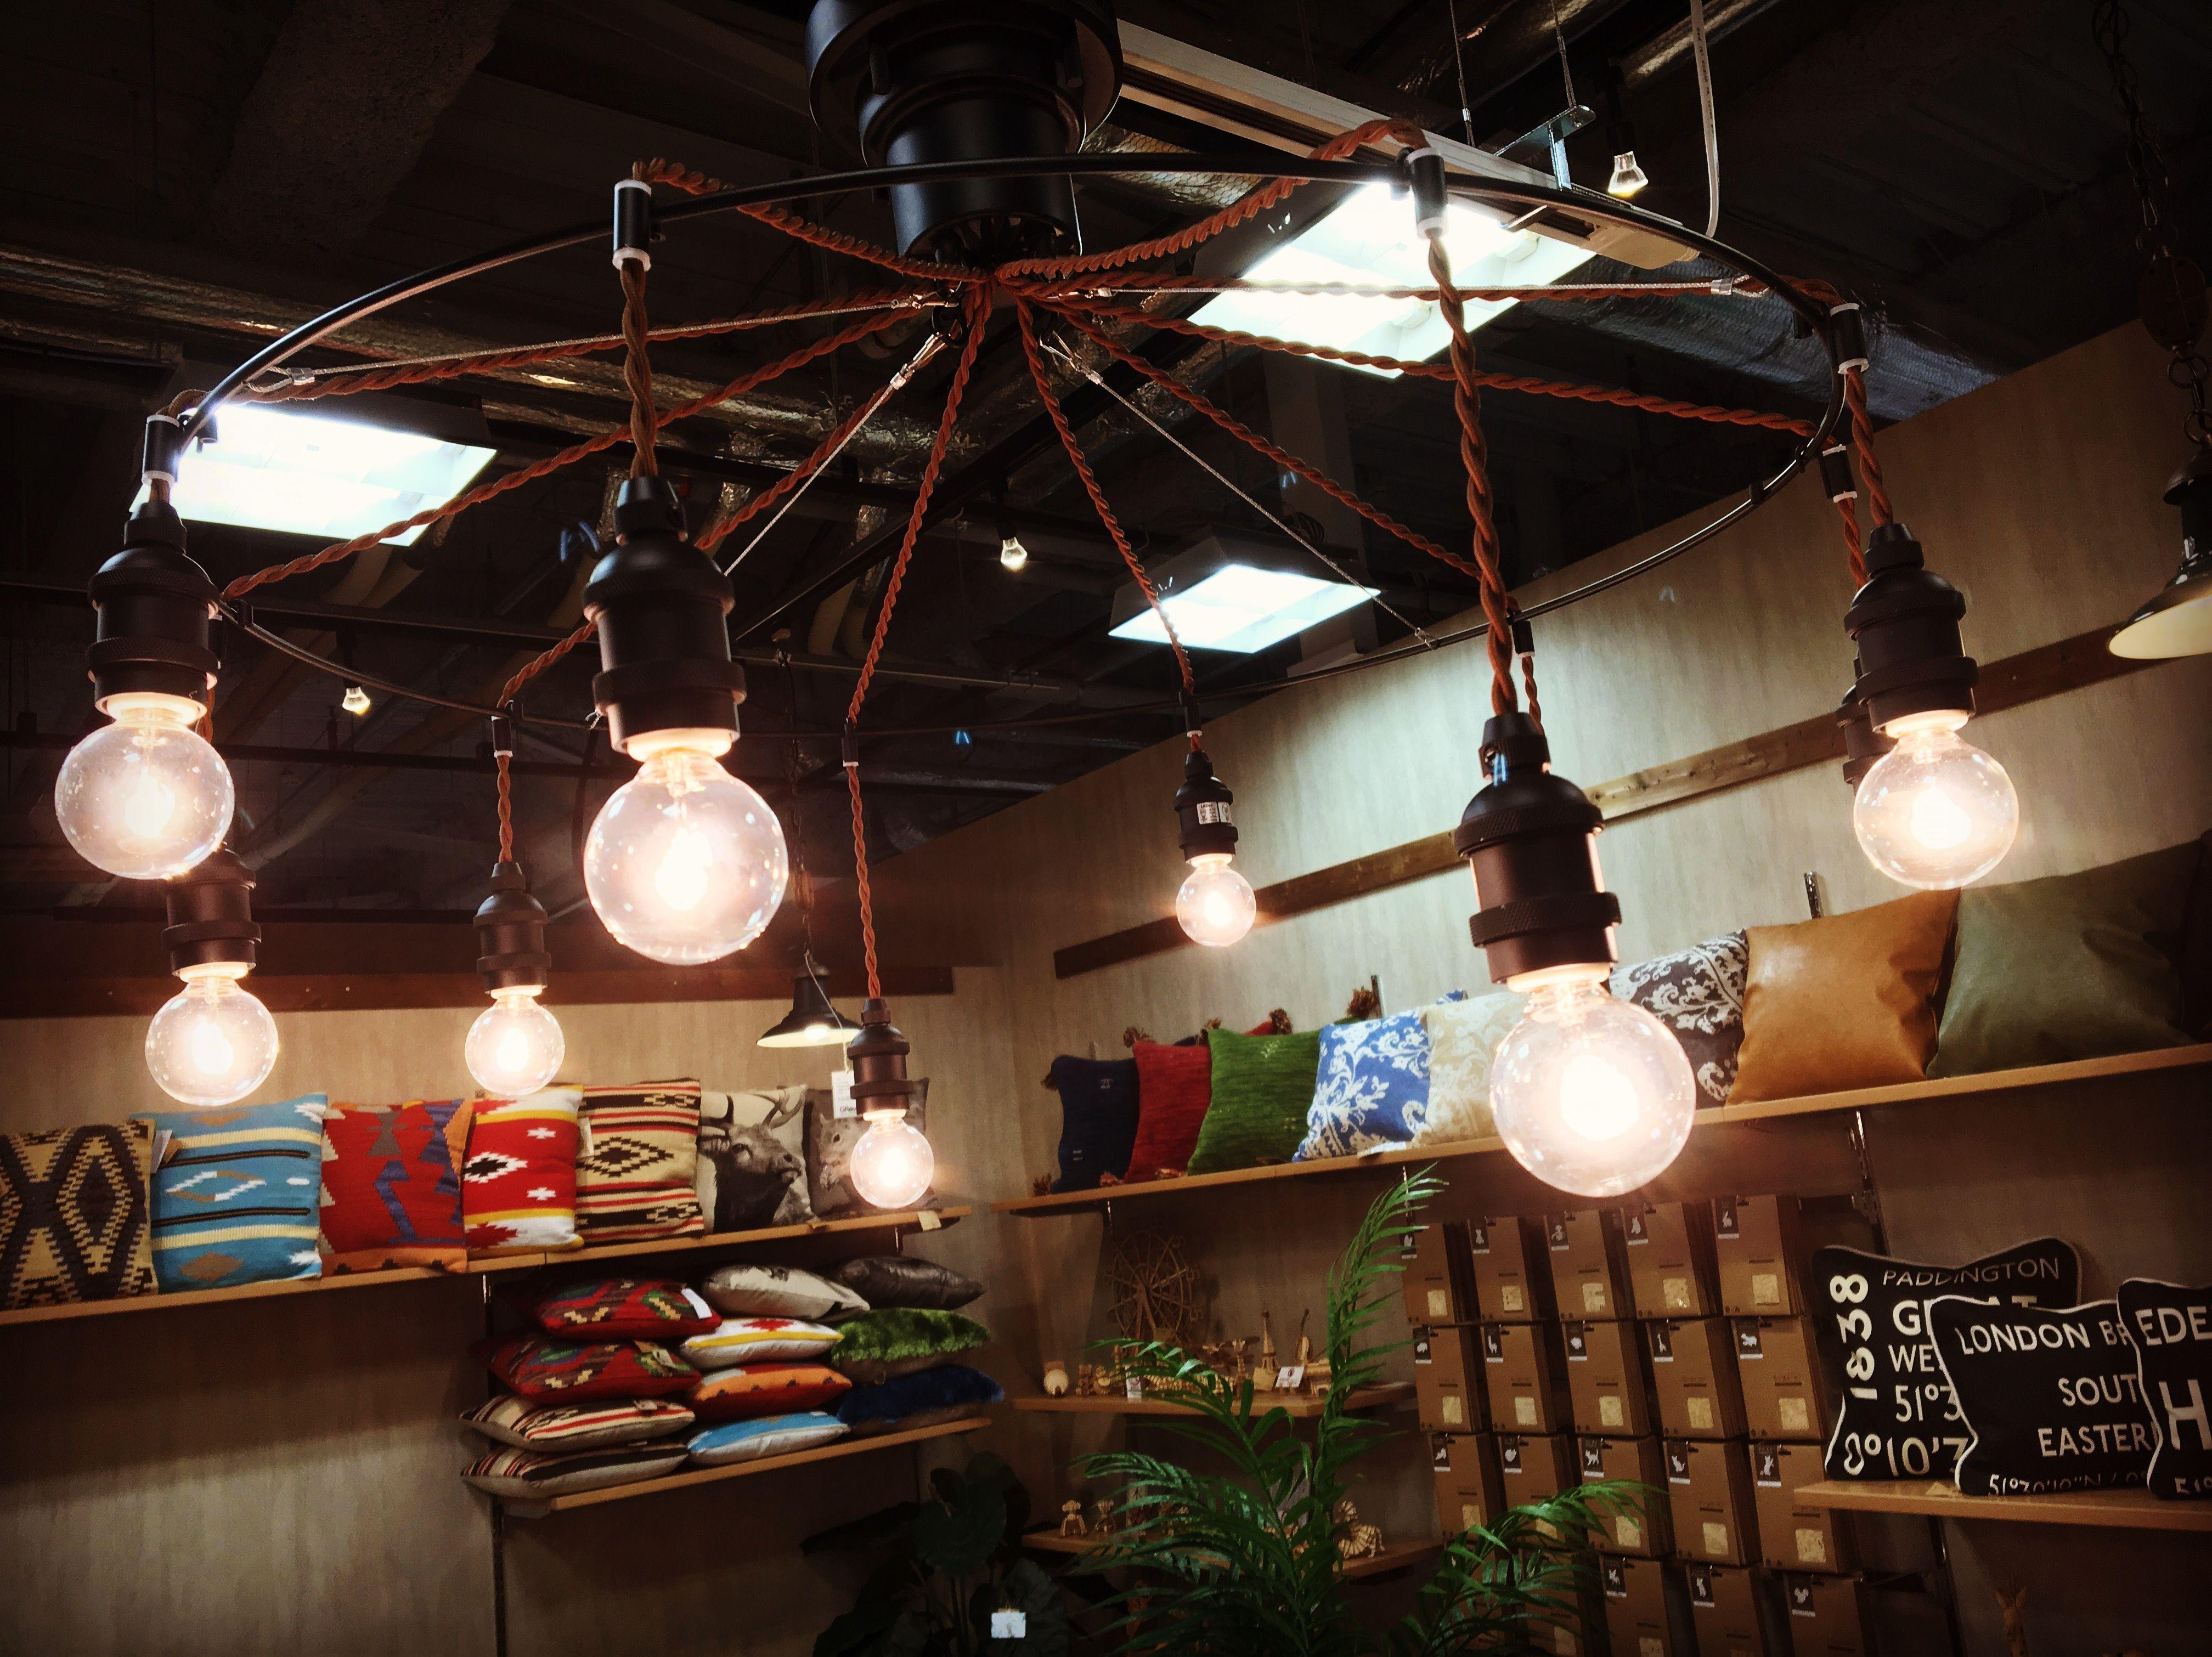 10灯もの灯りが天井から降り注ぐスタイルが ロマンチックで幻想的な